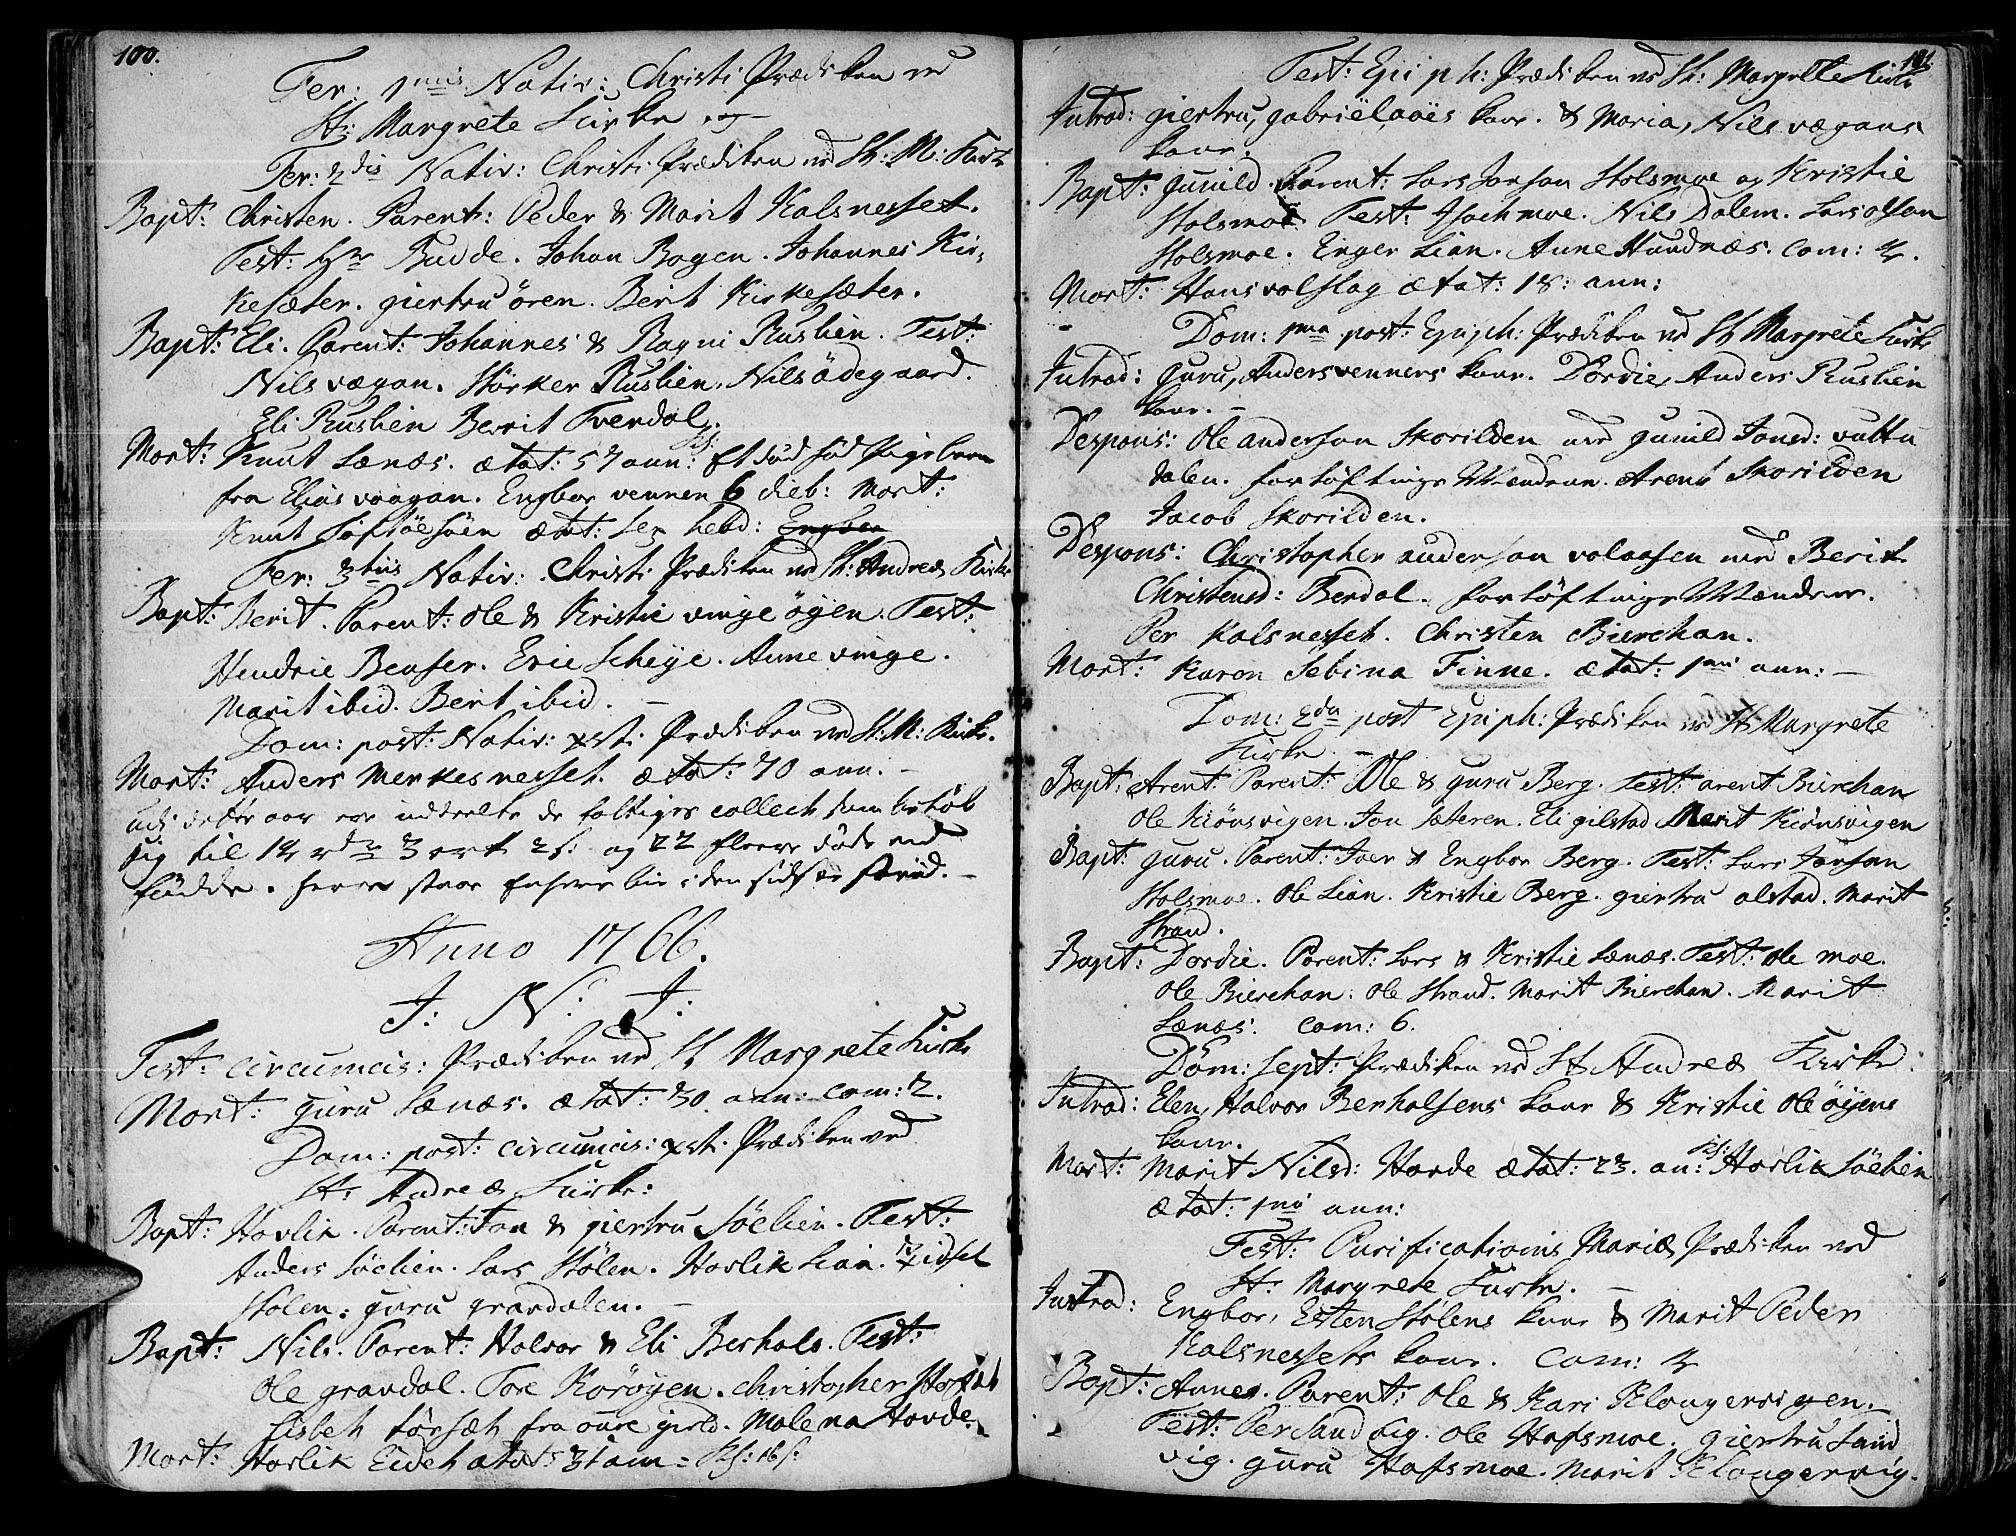 SAT, Ministerialprotokoller, klokkerbøker og fødselsregistre - Sør-Trøndelag, 630/L0489: Ministerialbok nr. 630A02, 1757-1794, s. 100-101